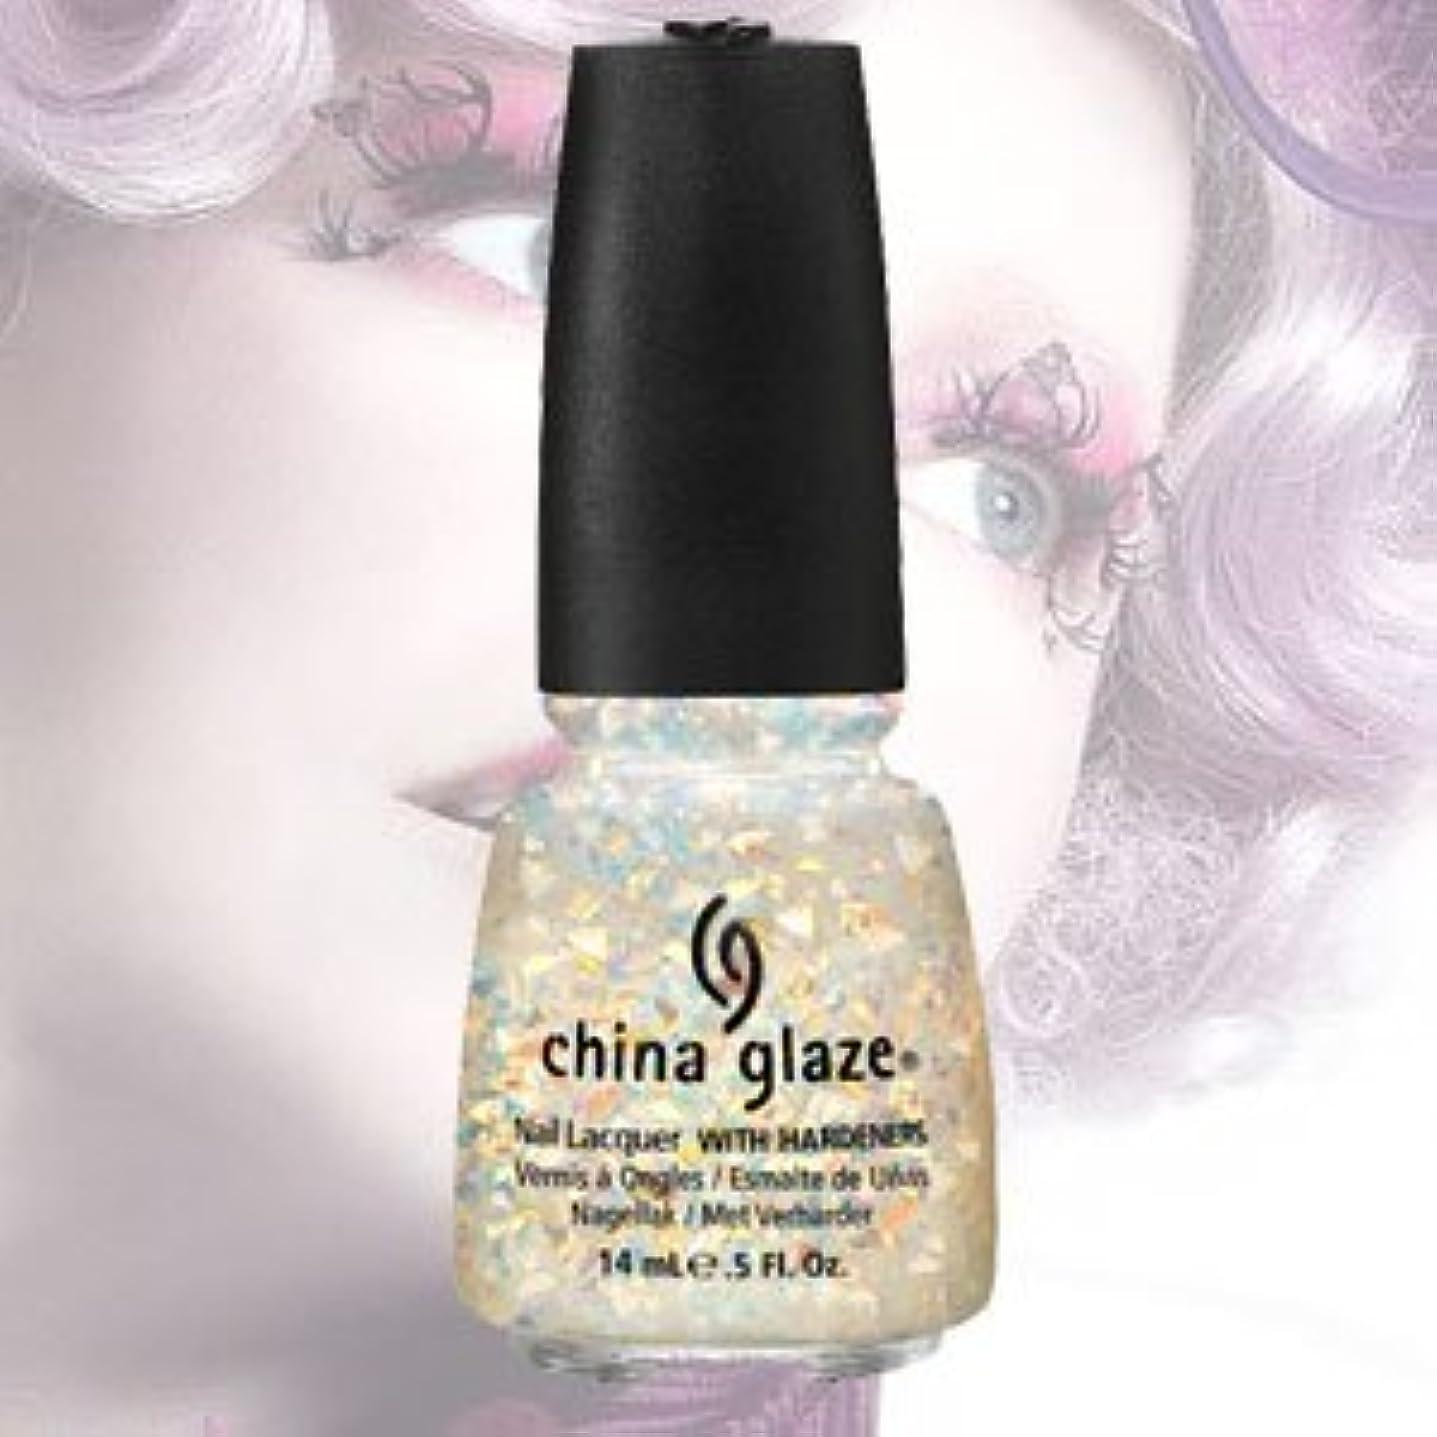 口径つなぐ息切れ(チャイナグレイズ)China Glaze Luxe and LushーCAPITOL COLOURS コレクション [海外直送品][並行輸入品]